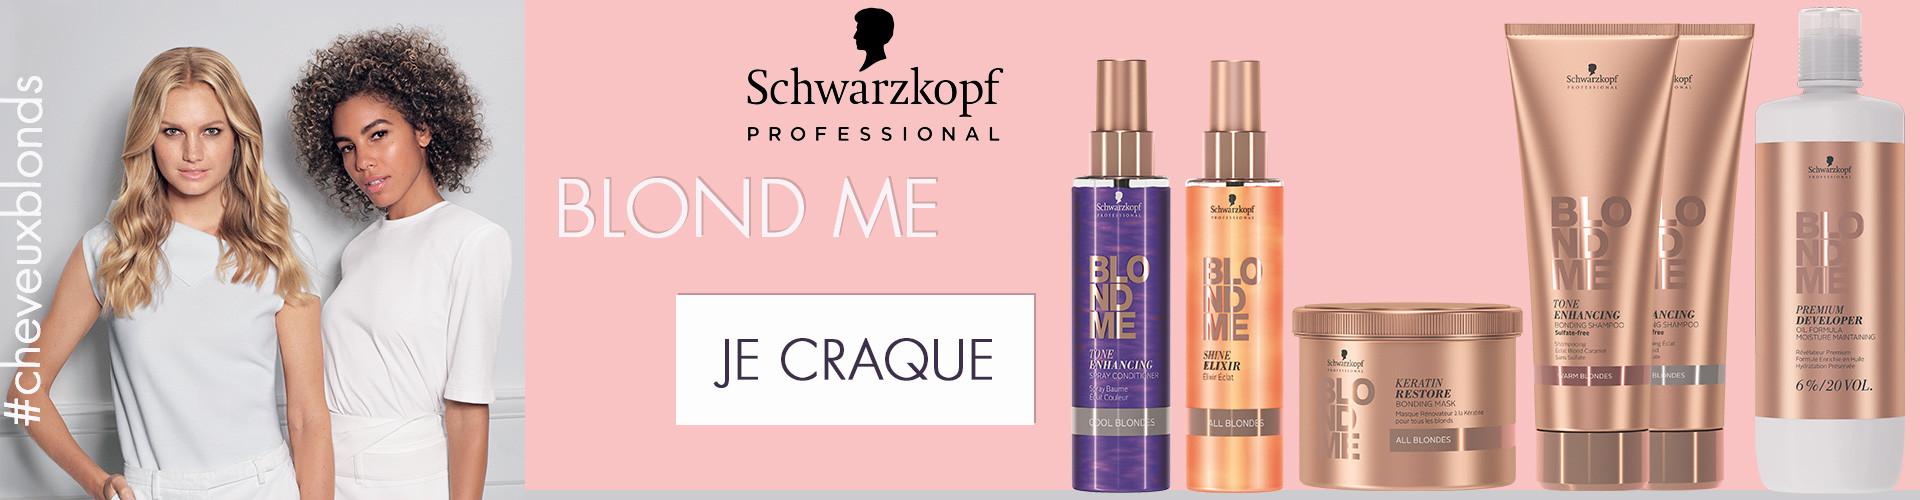 Schwarzkopf produit professionnel de la coiffure gamme spéciale blond Blond Me